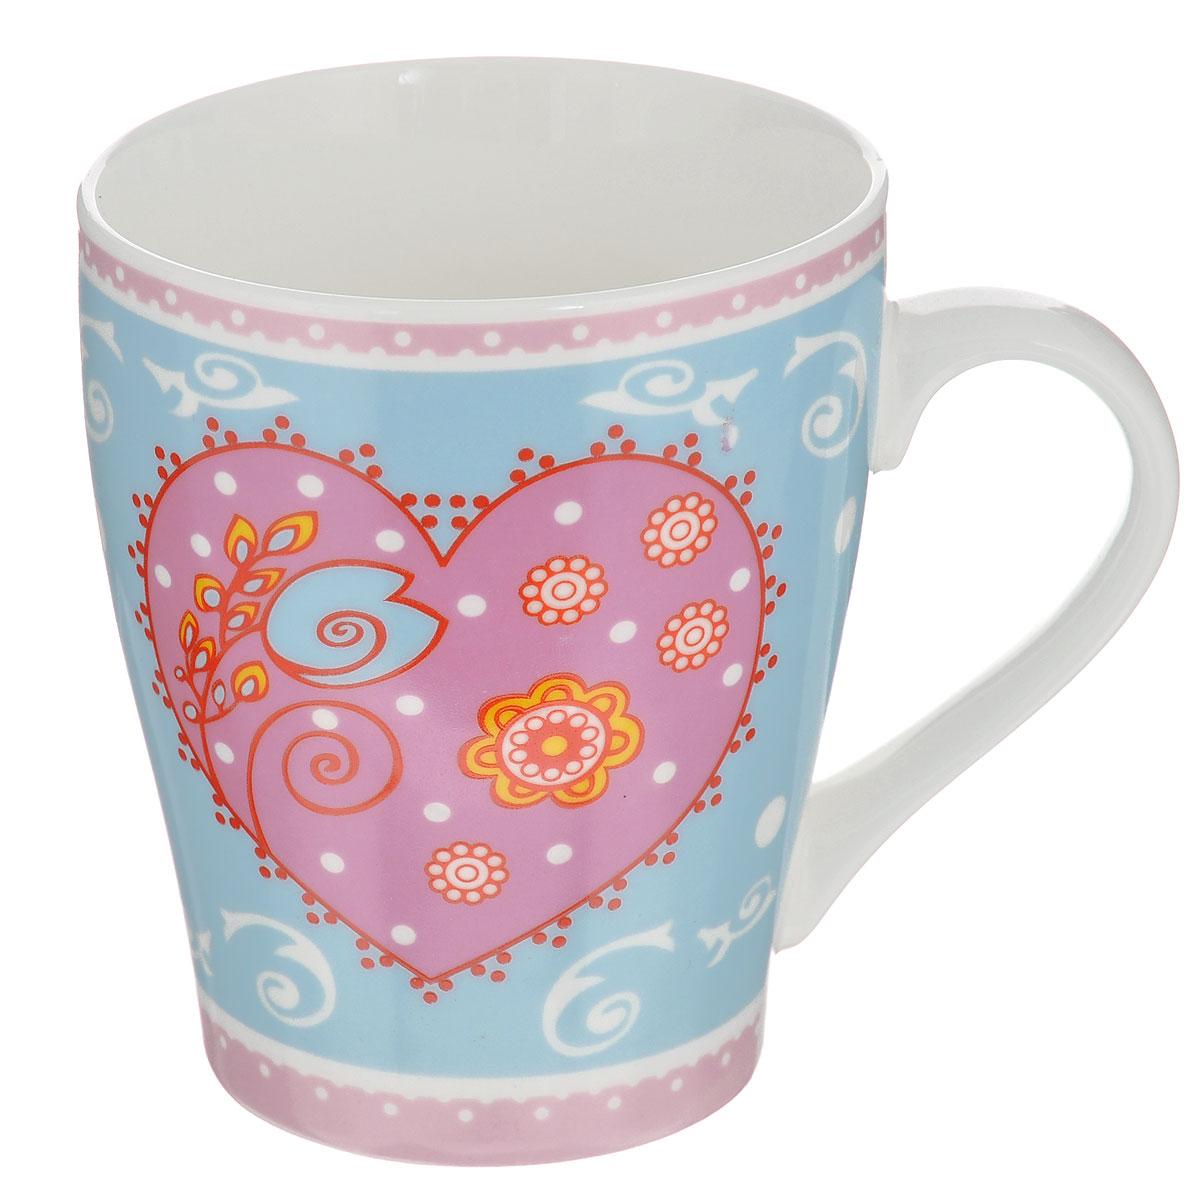 Кружка Loraine, 350 мл22112Кружка Loraine выполнена из высококачественной керамики и украшена изображением цветов, узоров и сердца. Изделие оснащено эргономичной ручкой. Кружка Loraine сочетает в себе оригинальный дизайн и функциональность. Она согреет вас долгими холодными вечерами.Диаметр (по верхнему краю): 8,5 см.Высота кружки: 10 см. Объем: 350 мл.